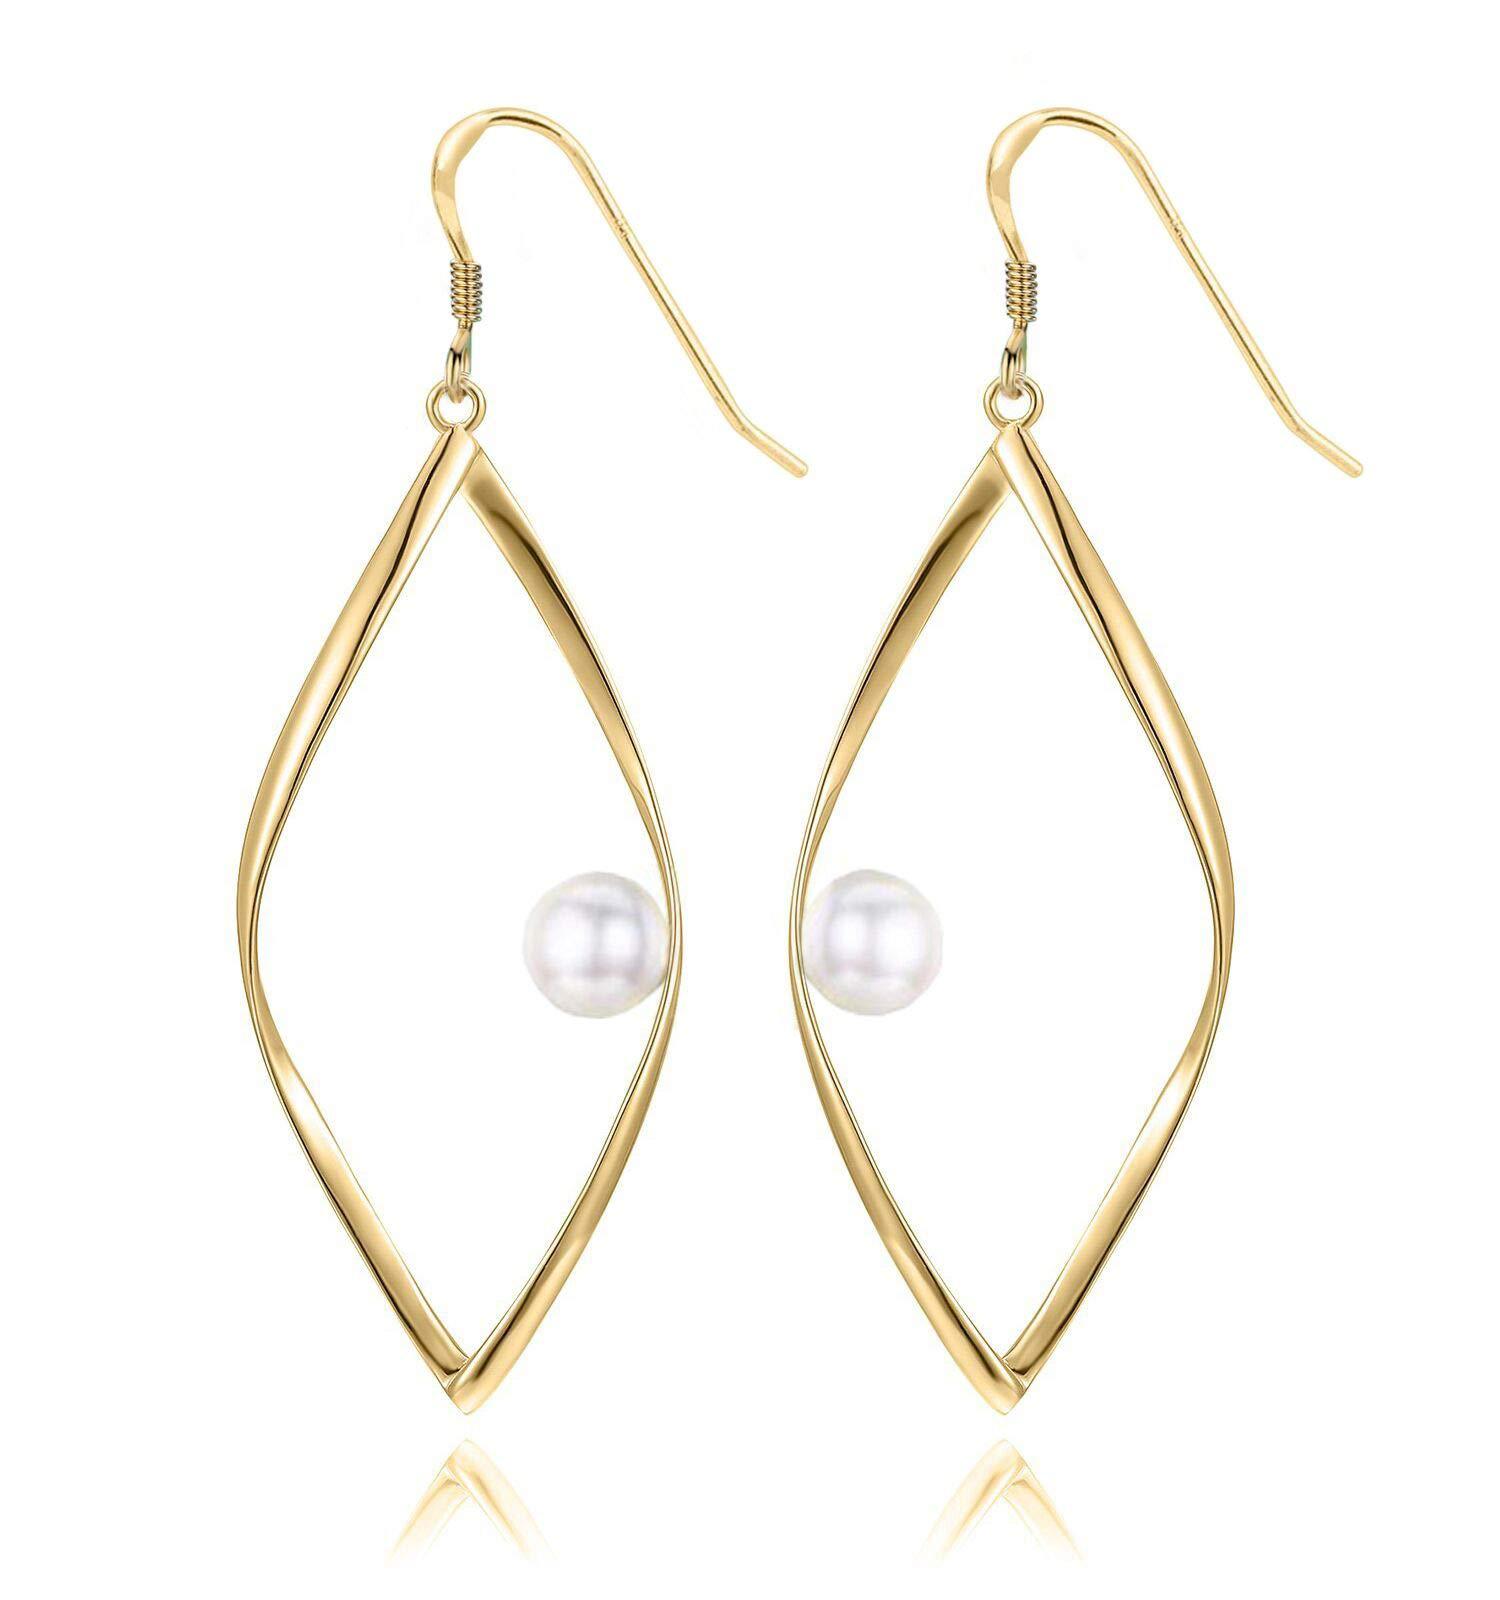 Pearl Earrings, Gold Dangle Earrings 14K Gold Plated Sterling Silver with Pearl Teardrop Earrings for Wedding